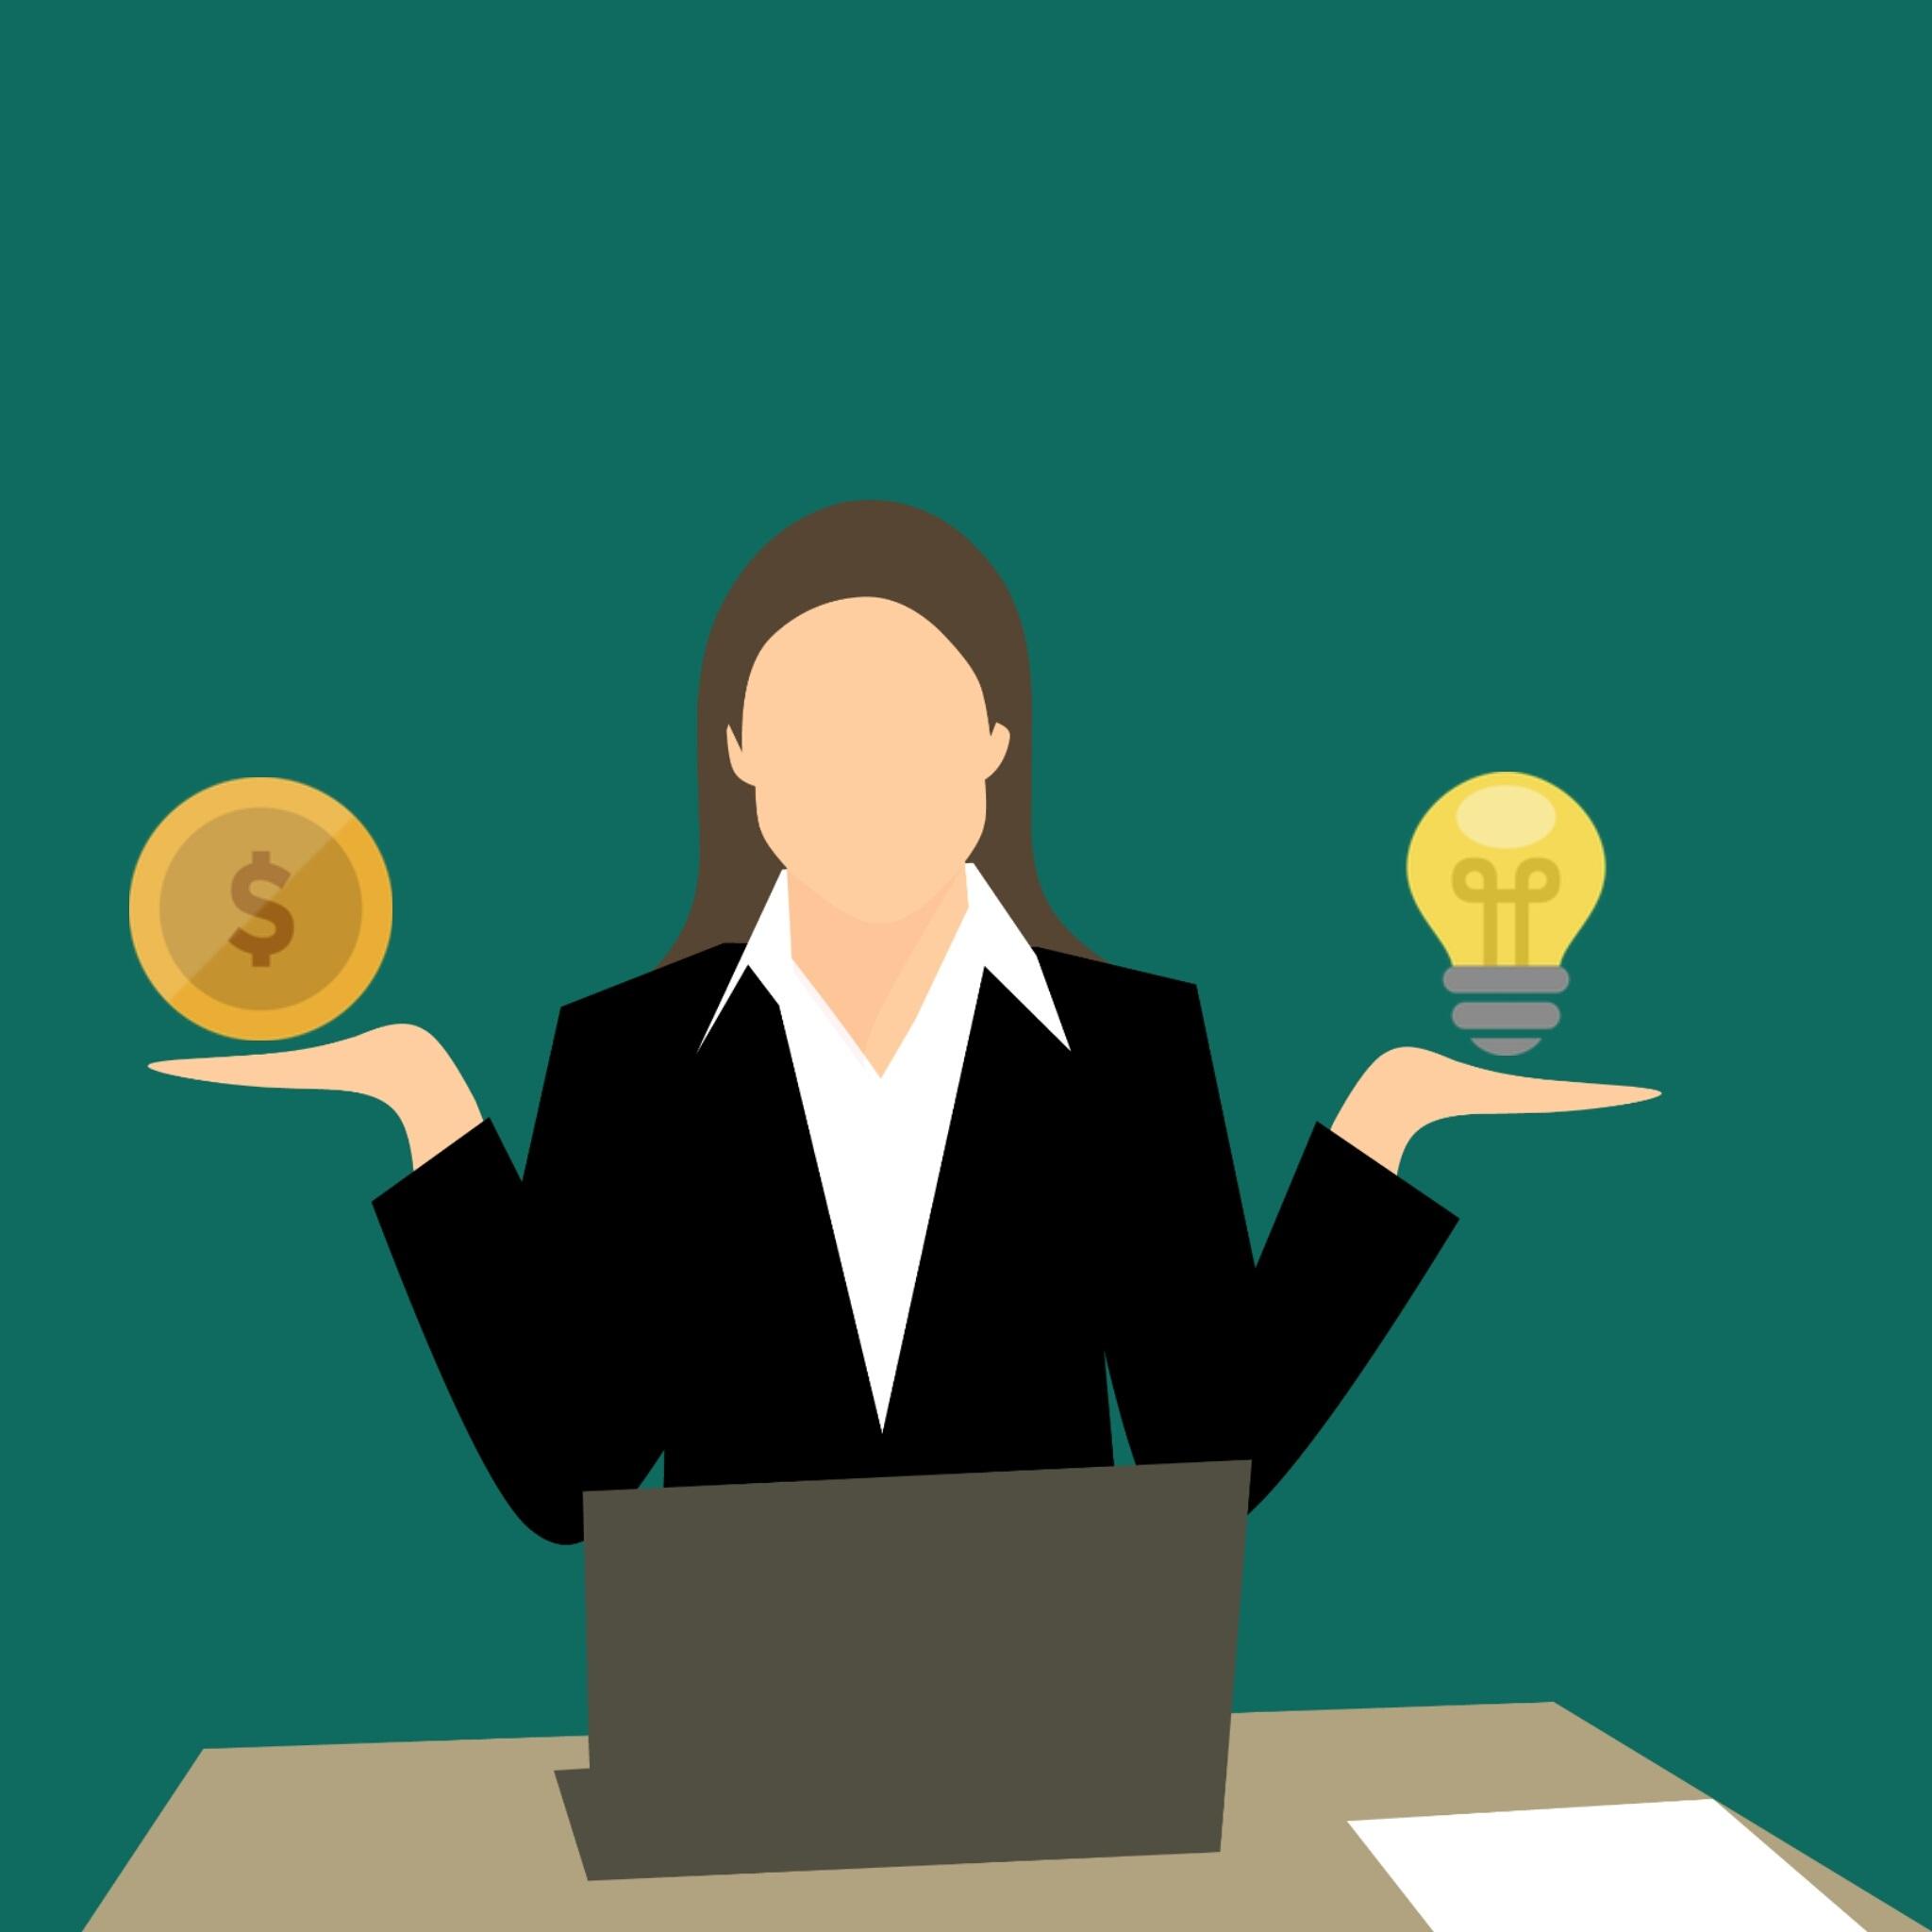 Помогите с бизнес идеей пирография бизнес идея